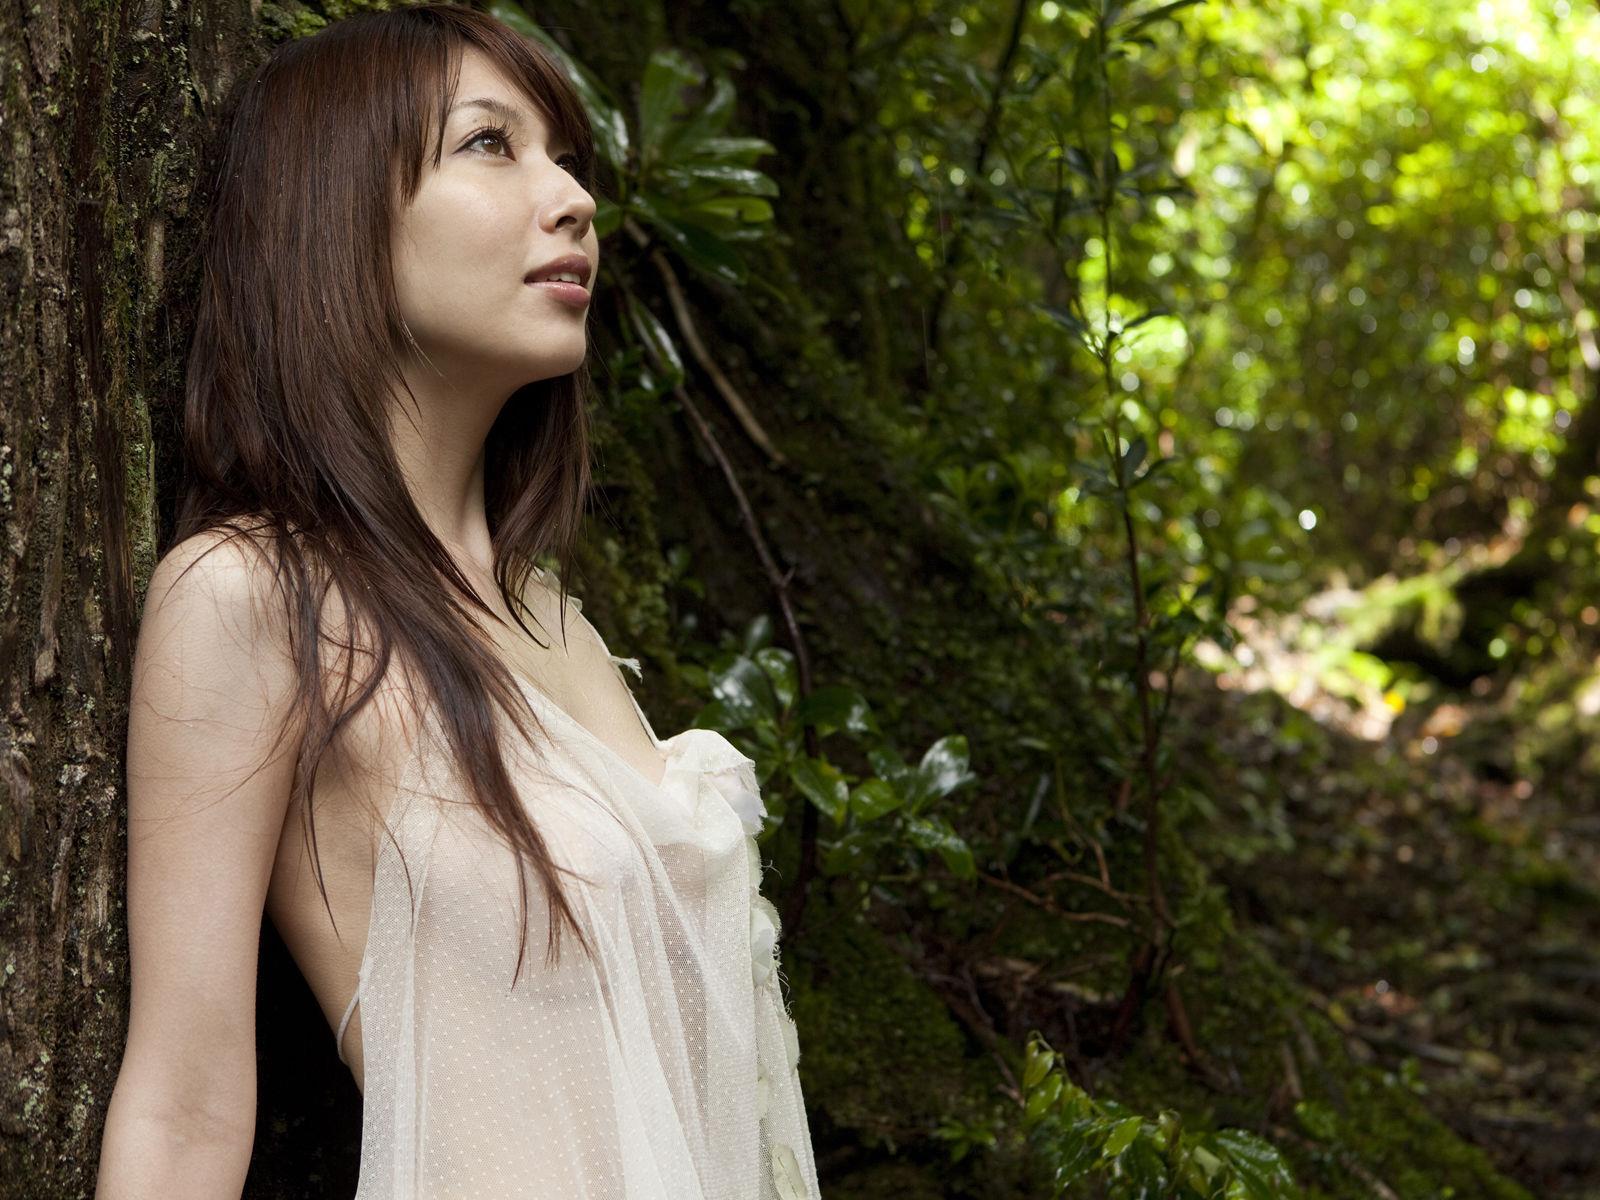 小林恵美 エロ画像 28